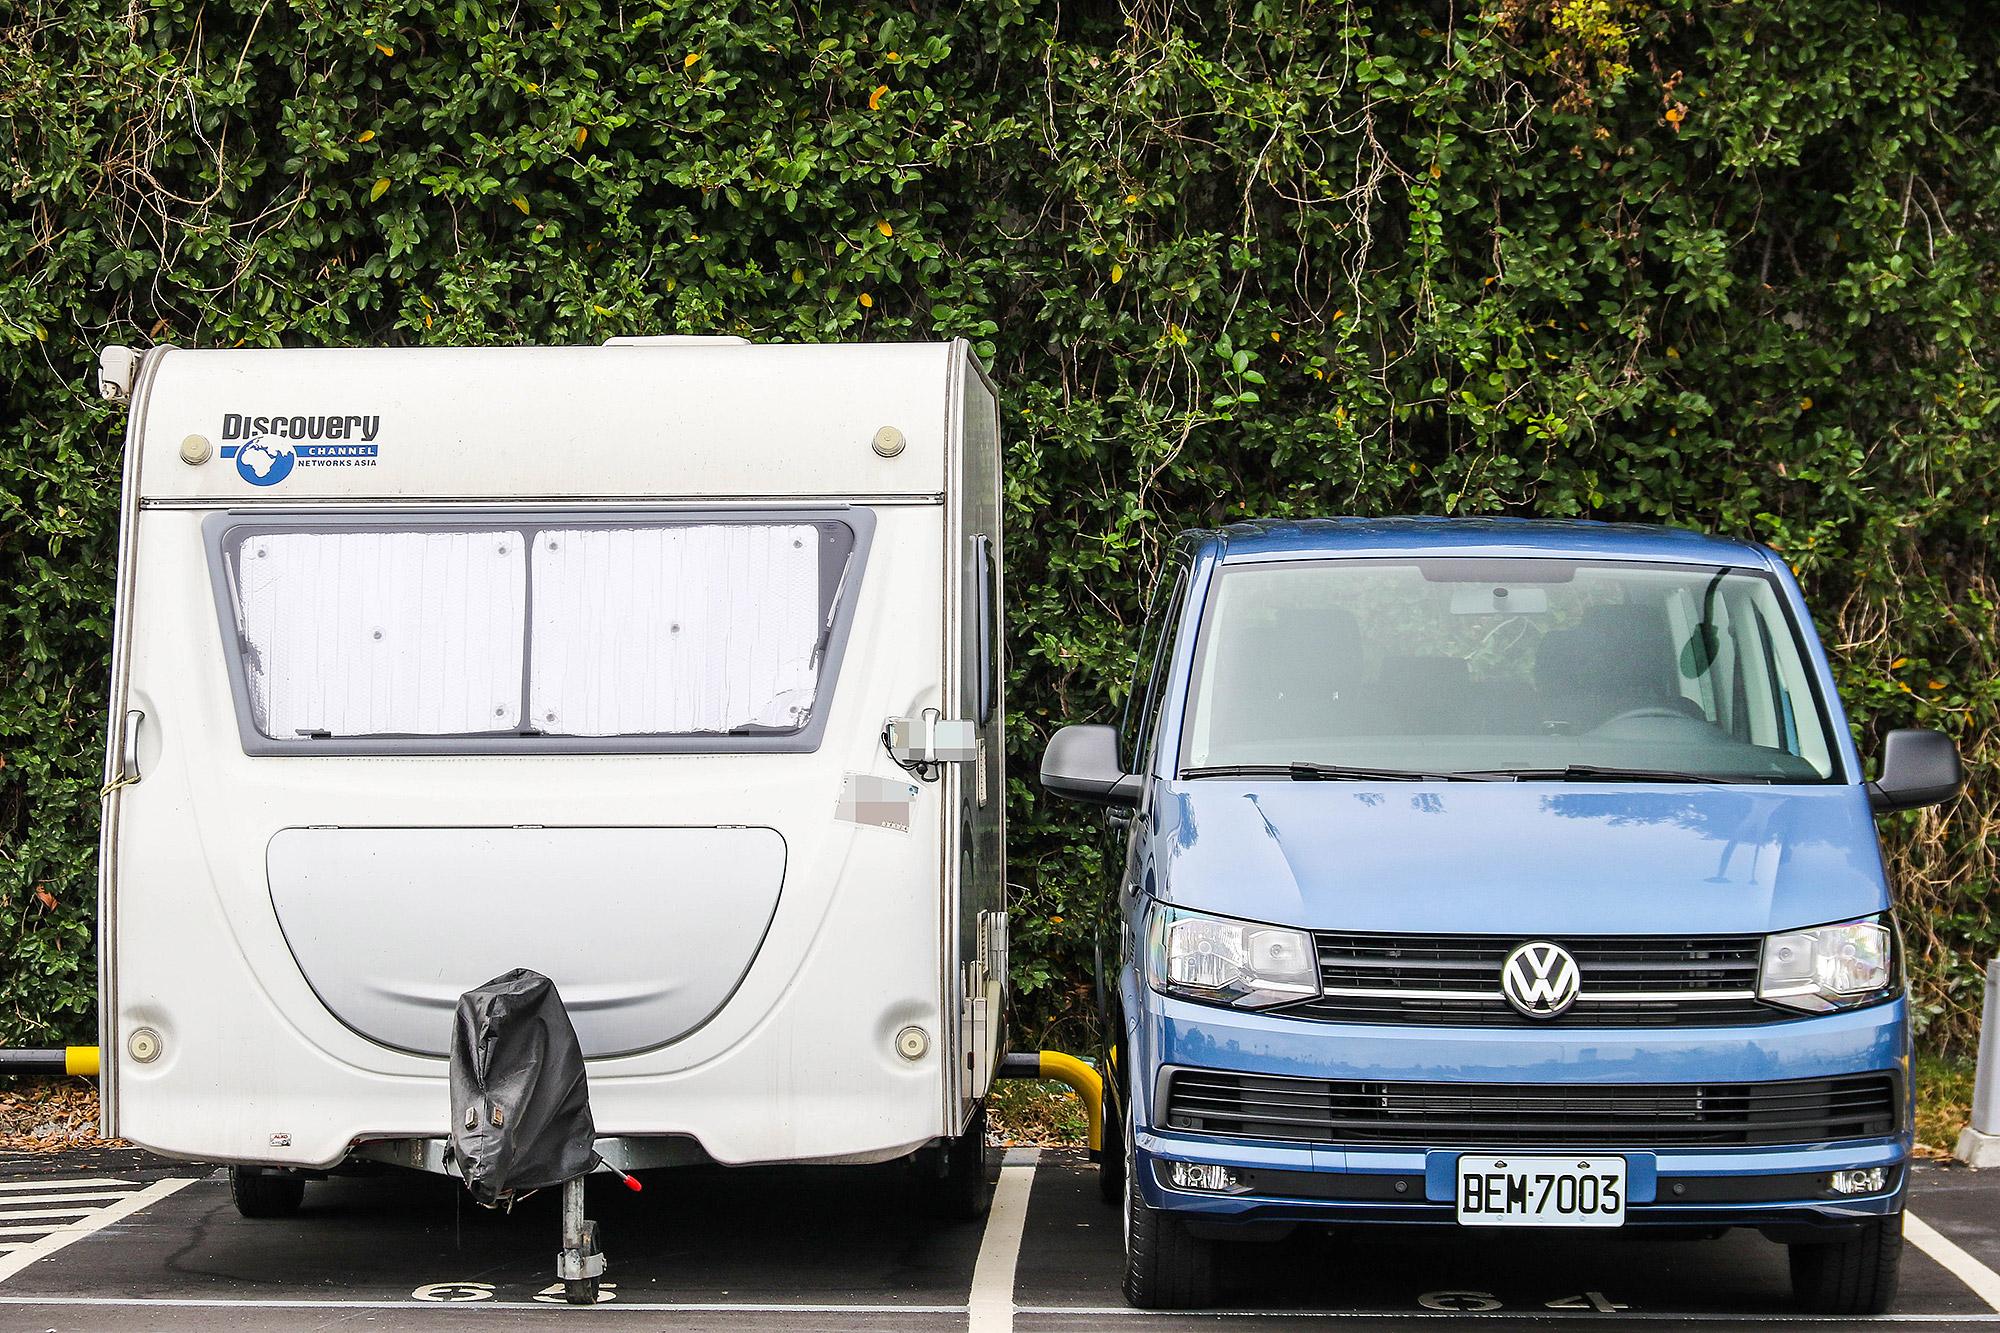 享受開車露營不一定只有負擔較高的露營車選擇。